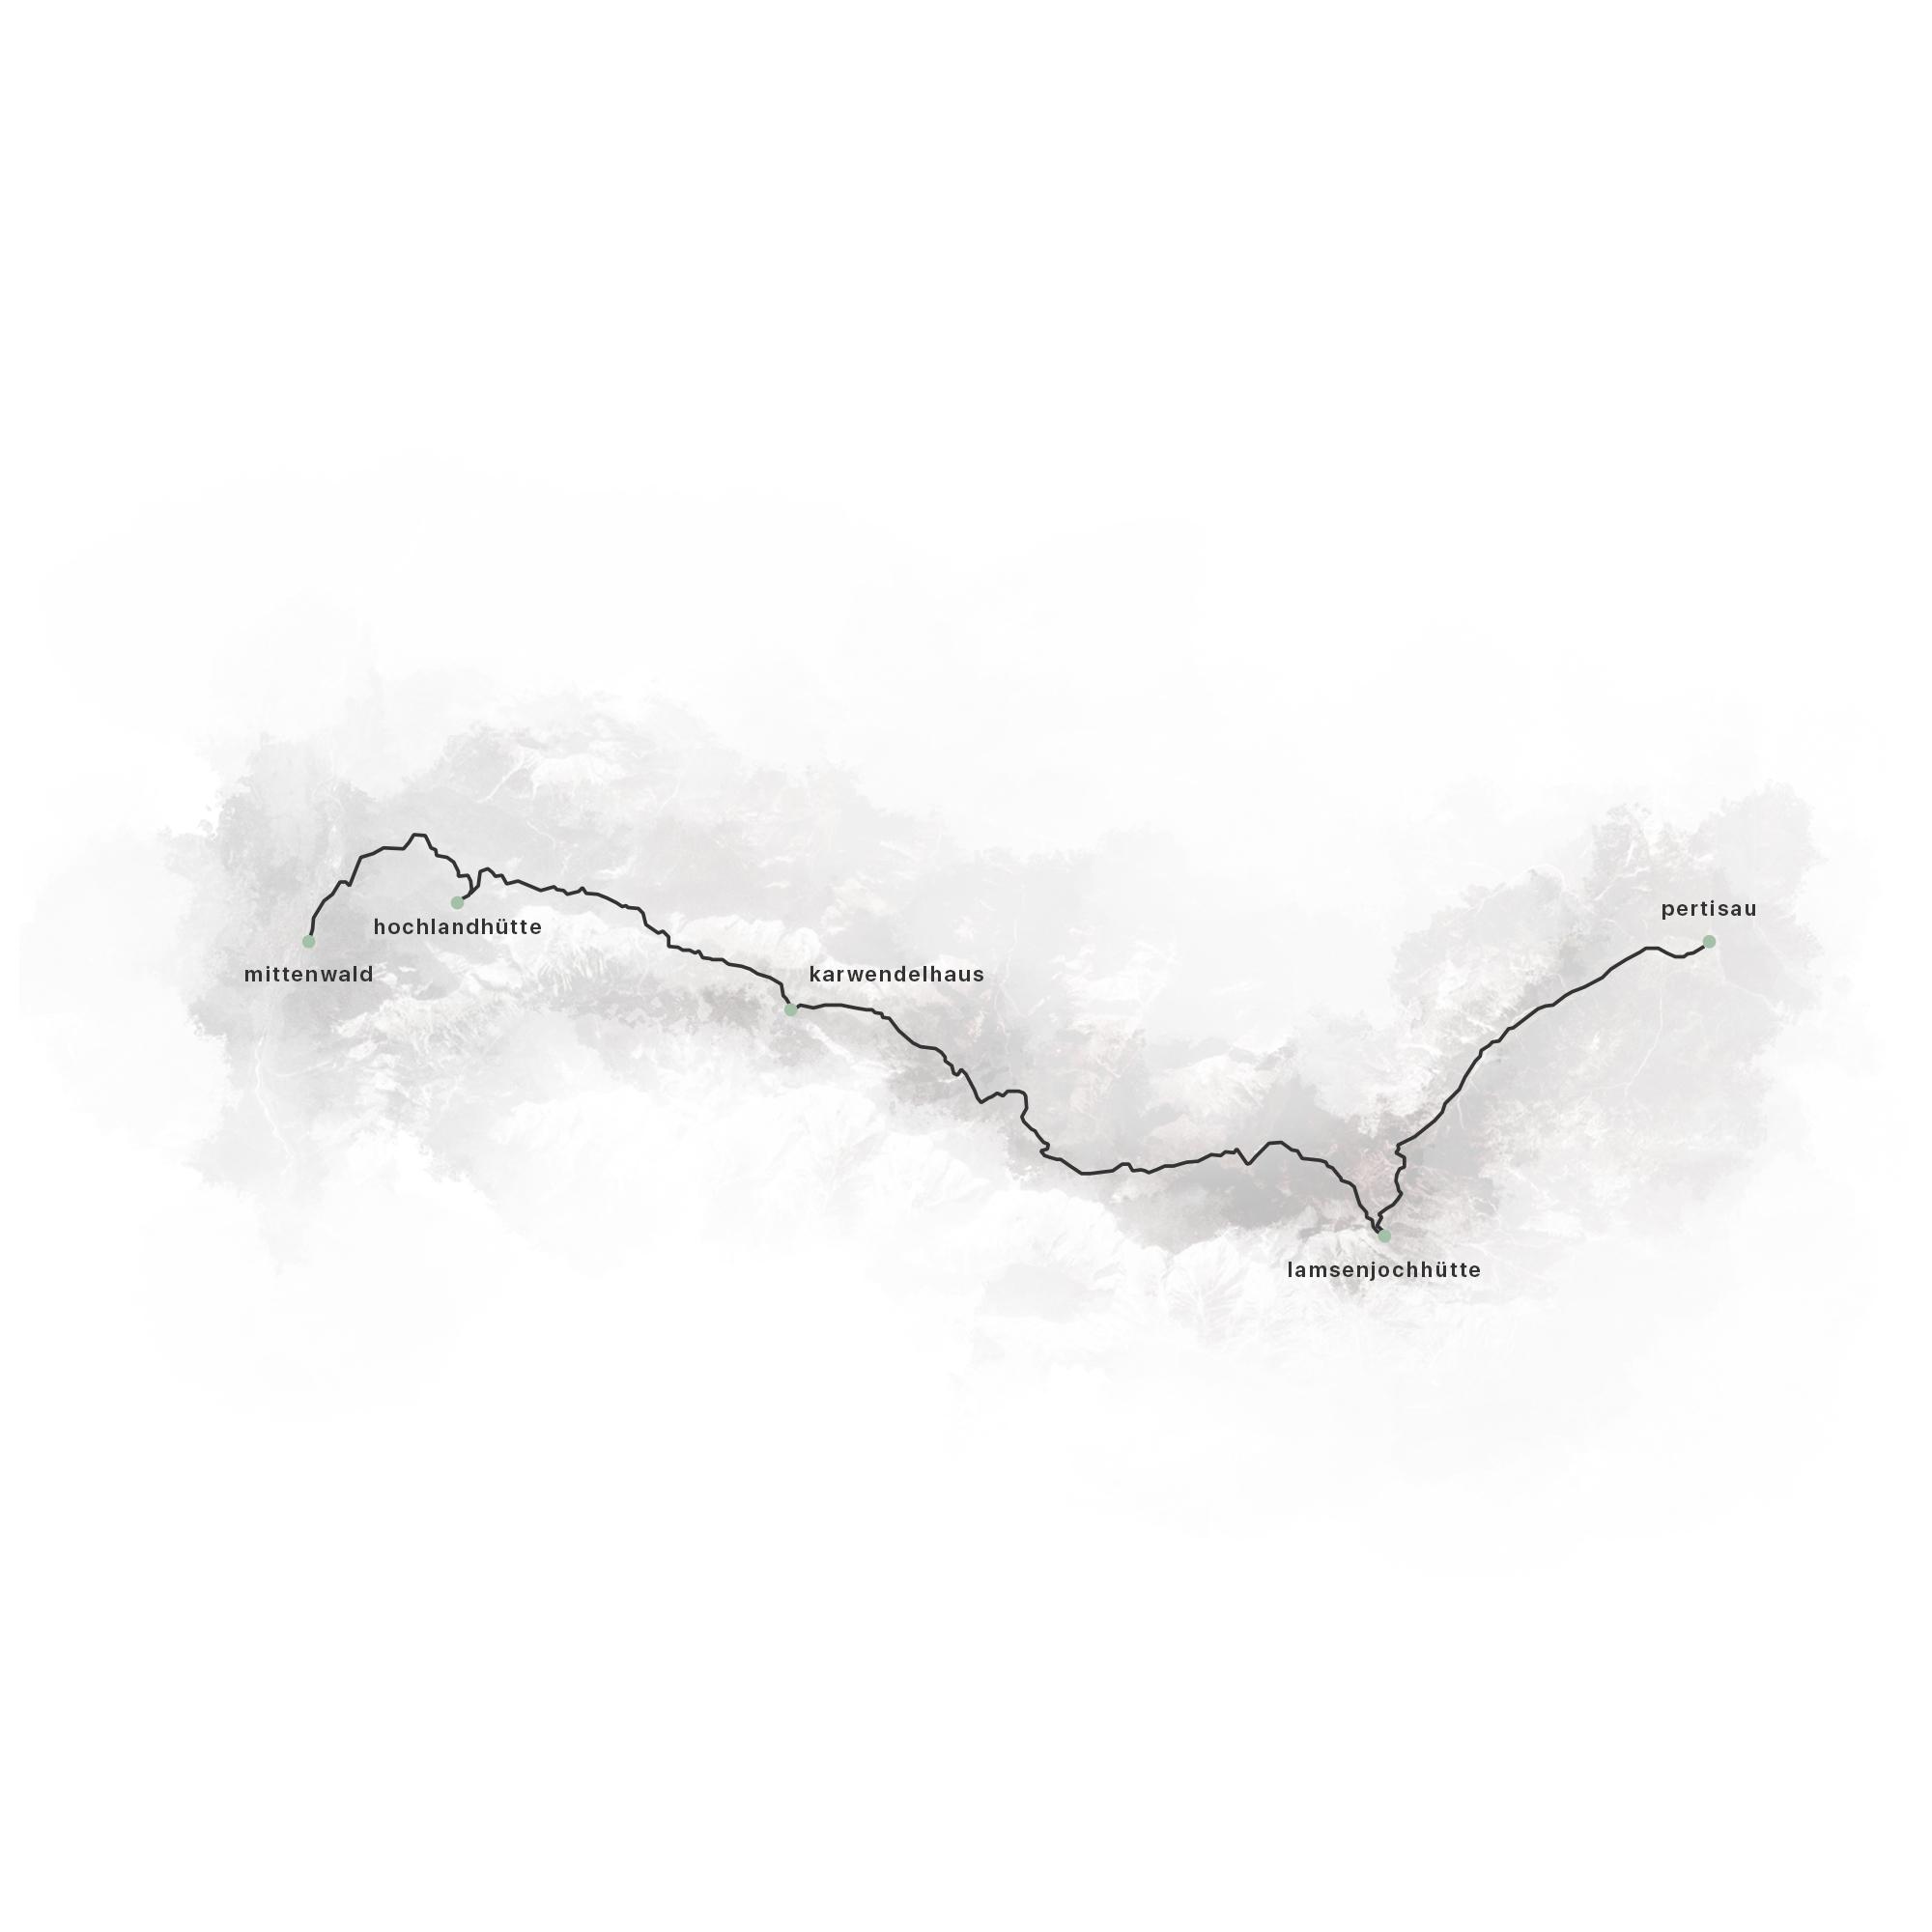 Wanderroute durchs Karwendelgebirge